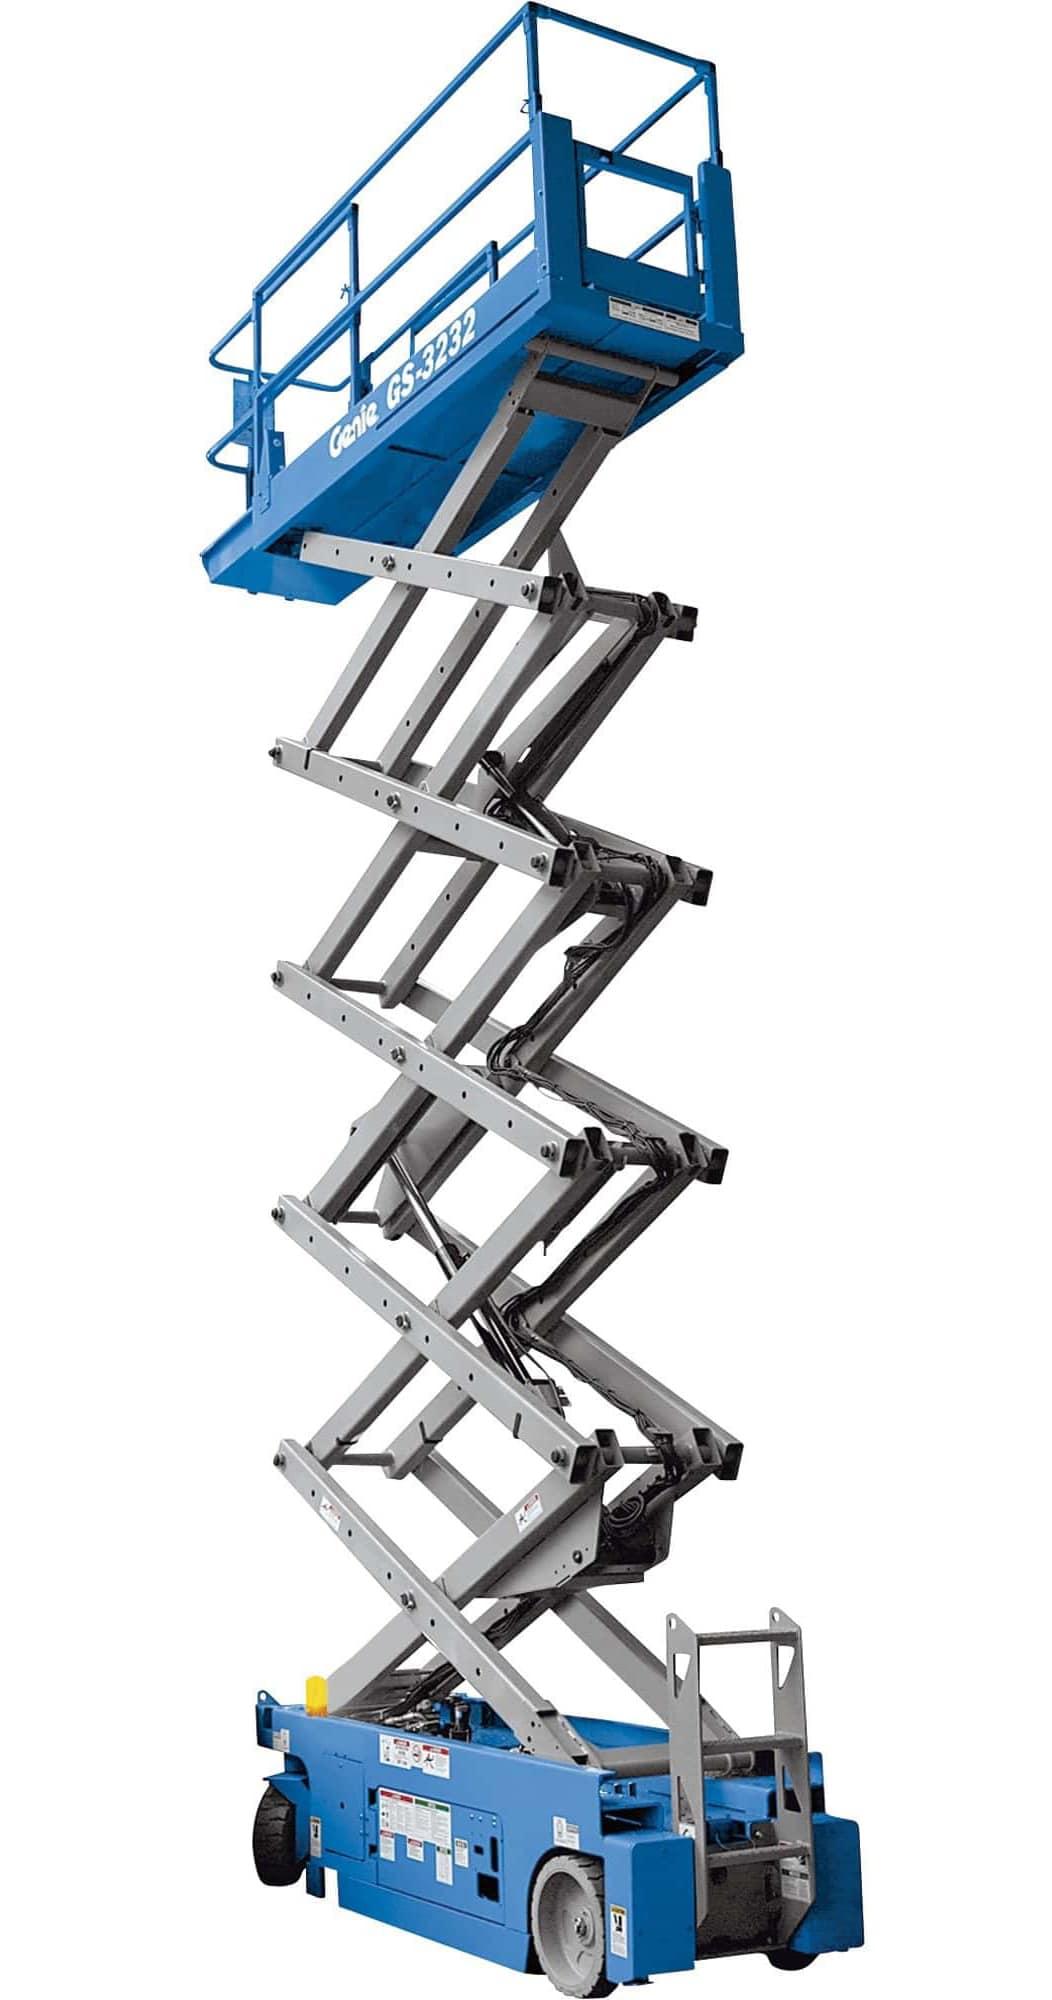 Genie Gs3232 12m Scissor Lift